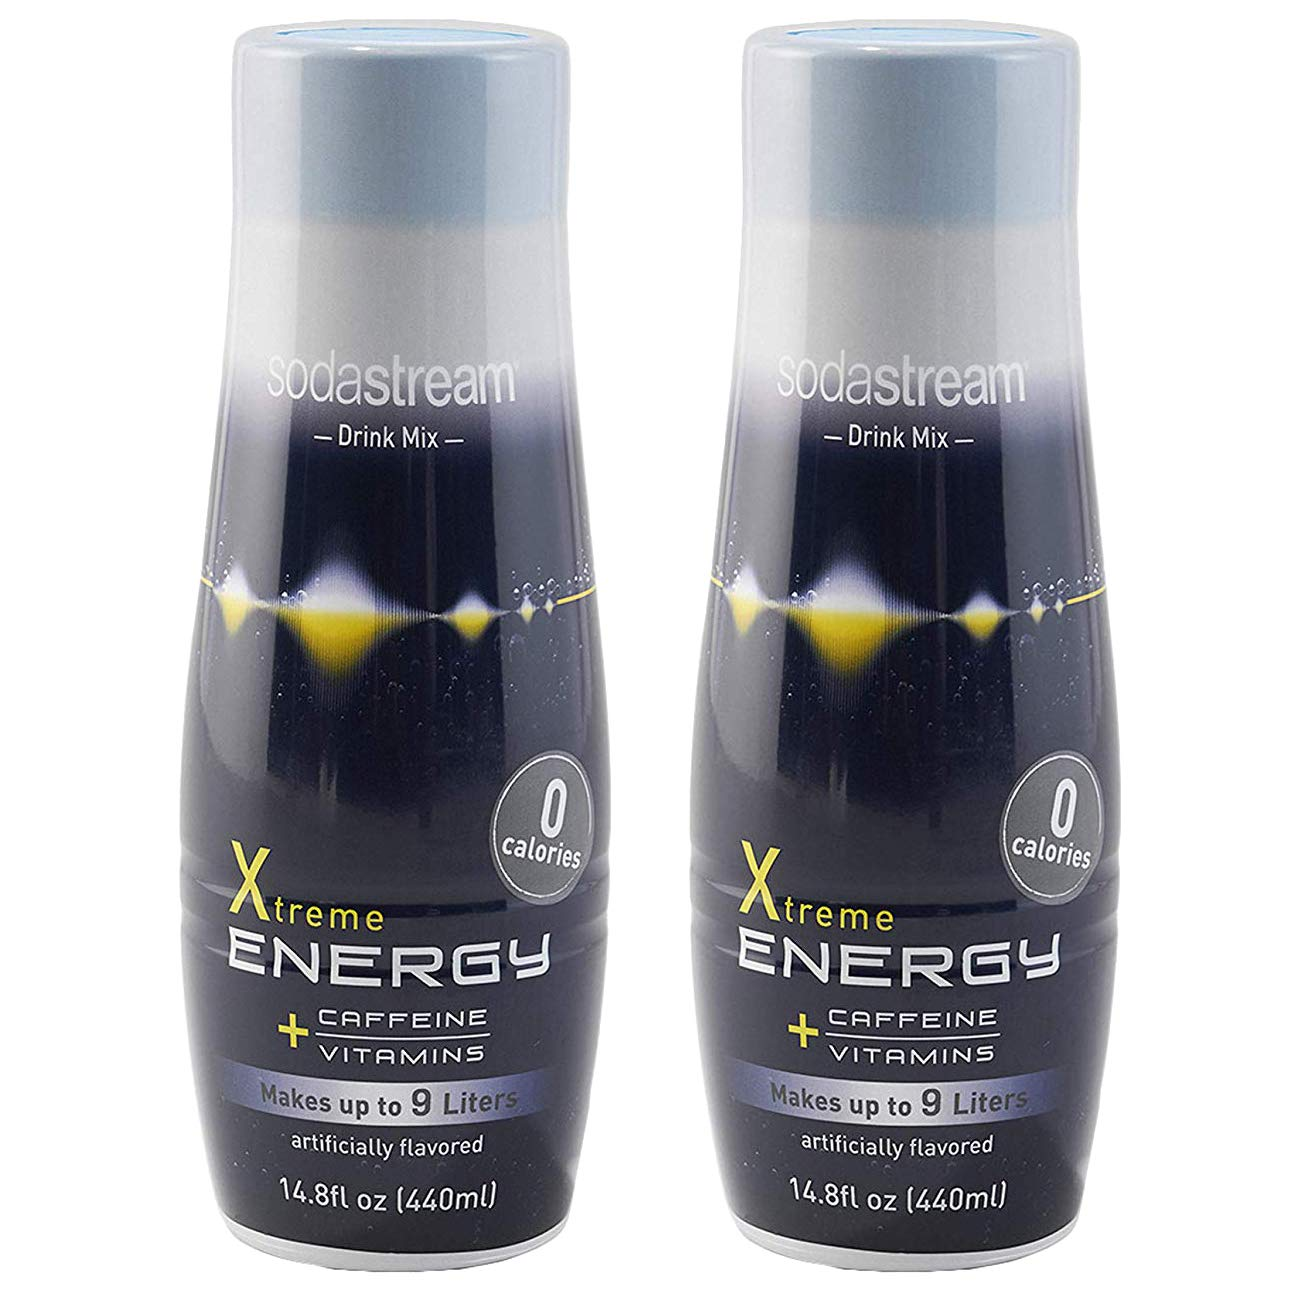 SodaStream Diet Energy, 440ml , 14.8 Fl Oz (Pack of 1)